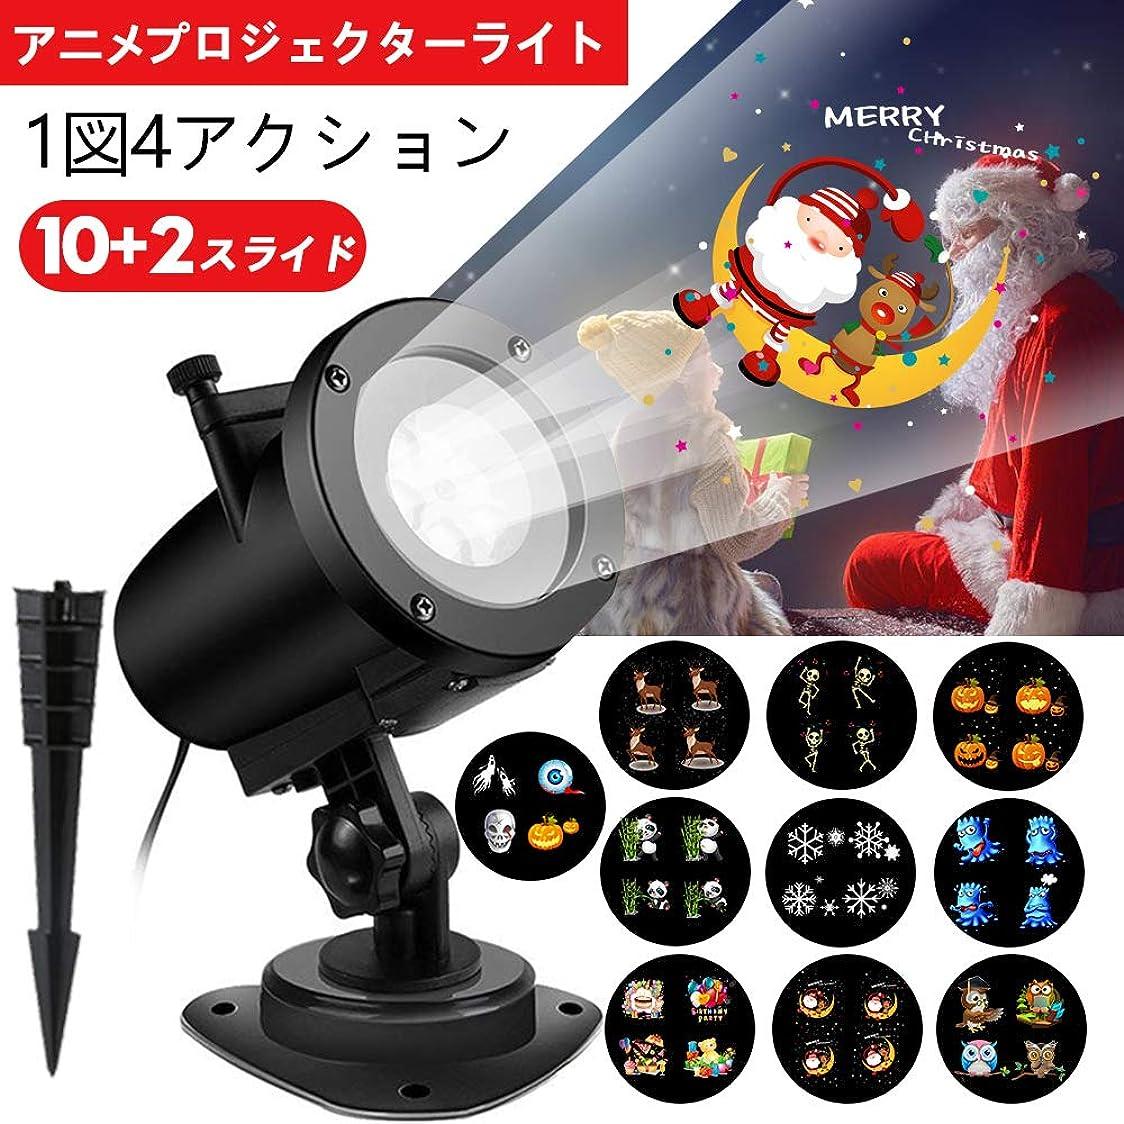 振りかける引き受ける疑わしいLEDクリスマスプロジェクションランプ 5Wアニメ 投影ランプ 12枚独占デザインのフィルム 子供の誕生日プレゼント ハロウィン ホリデー 結婚式 パーティー 飾り用 IP65防水 ガーデンライト